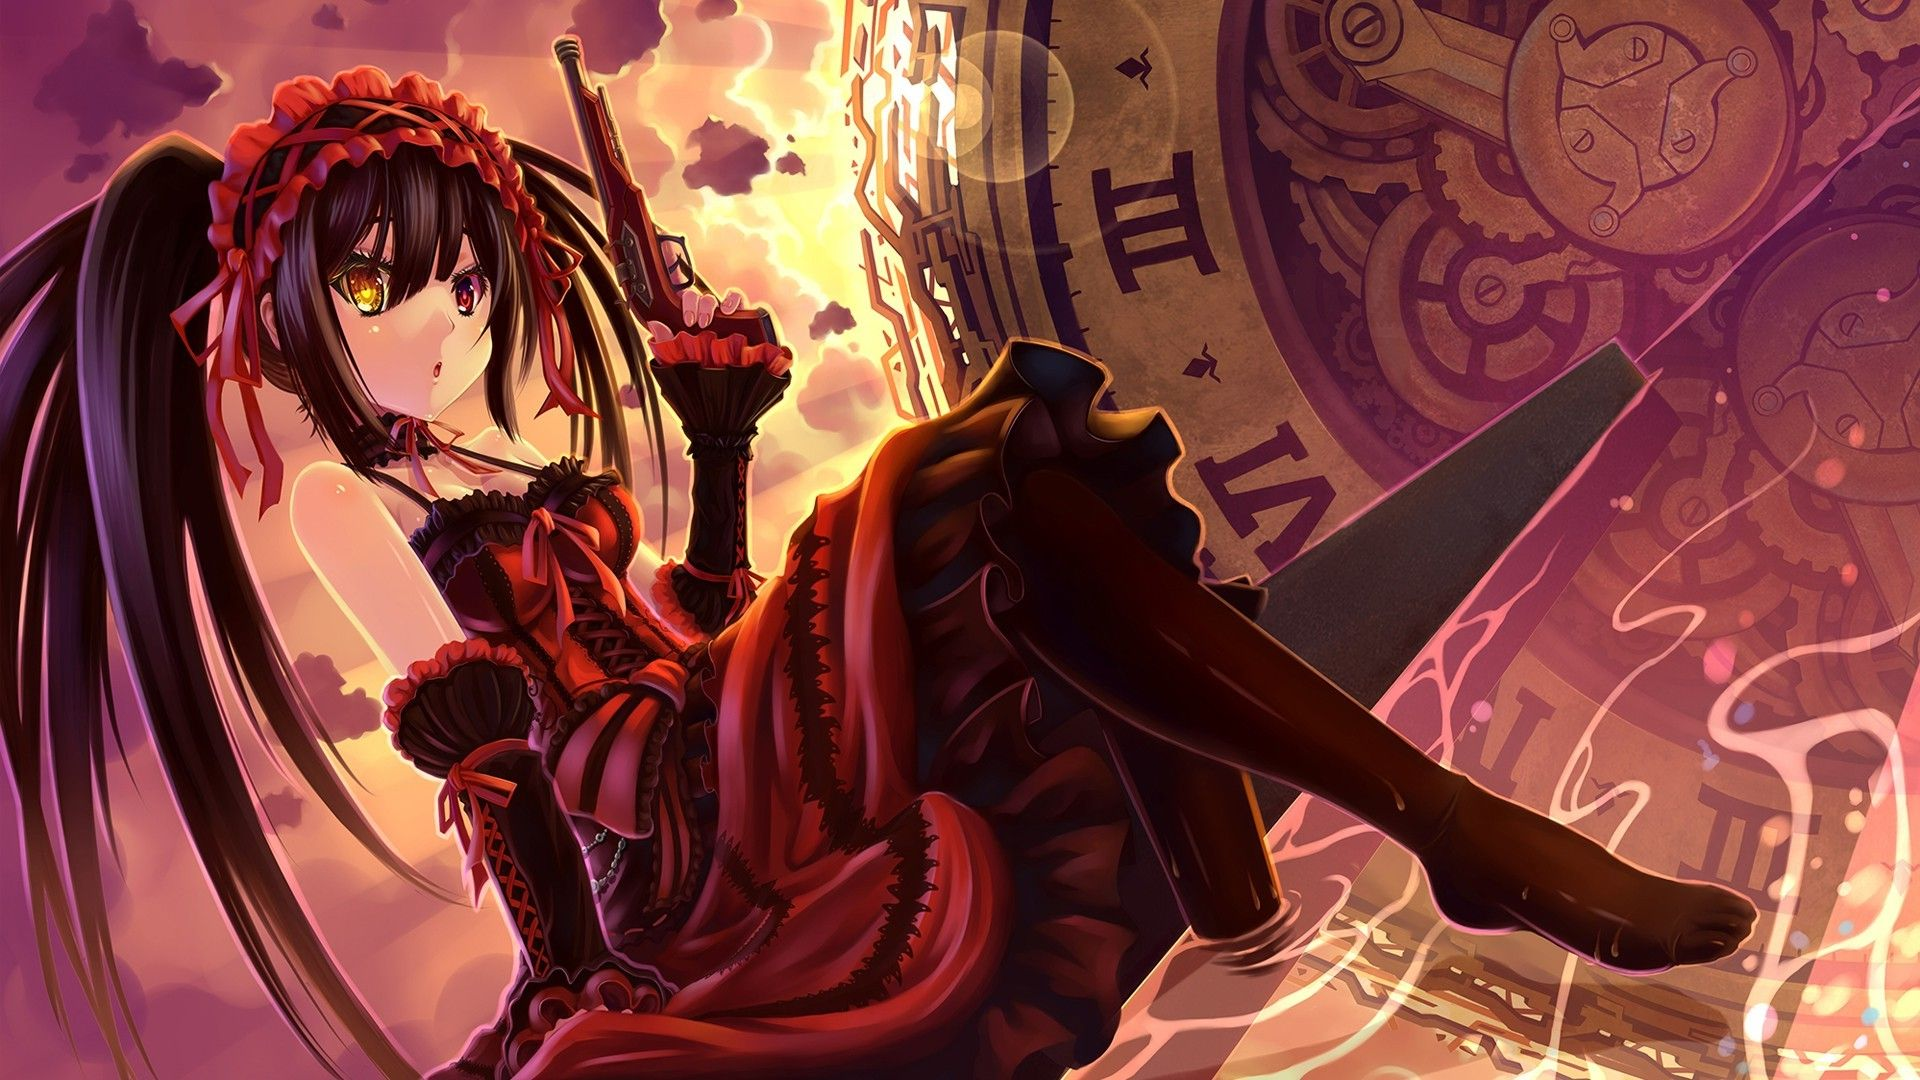 Kết quả hình ảnh cho kurumi anime Hình ảnh, Anime, Ảnh